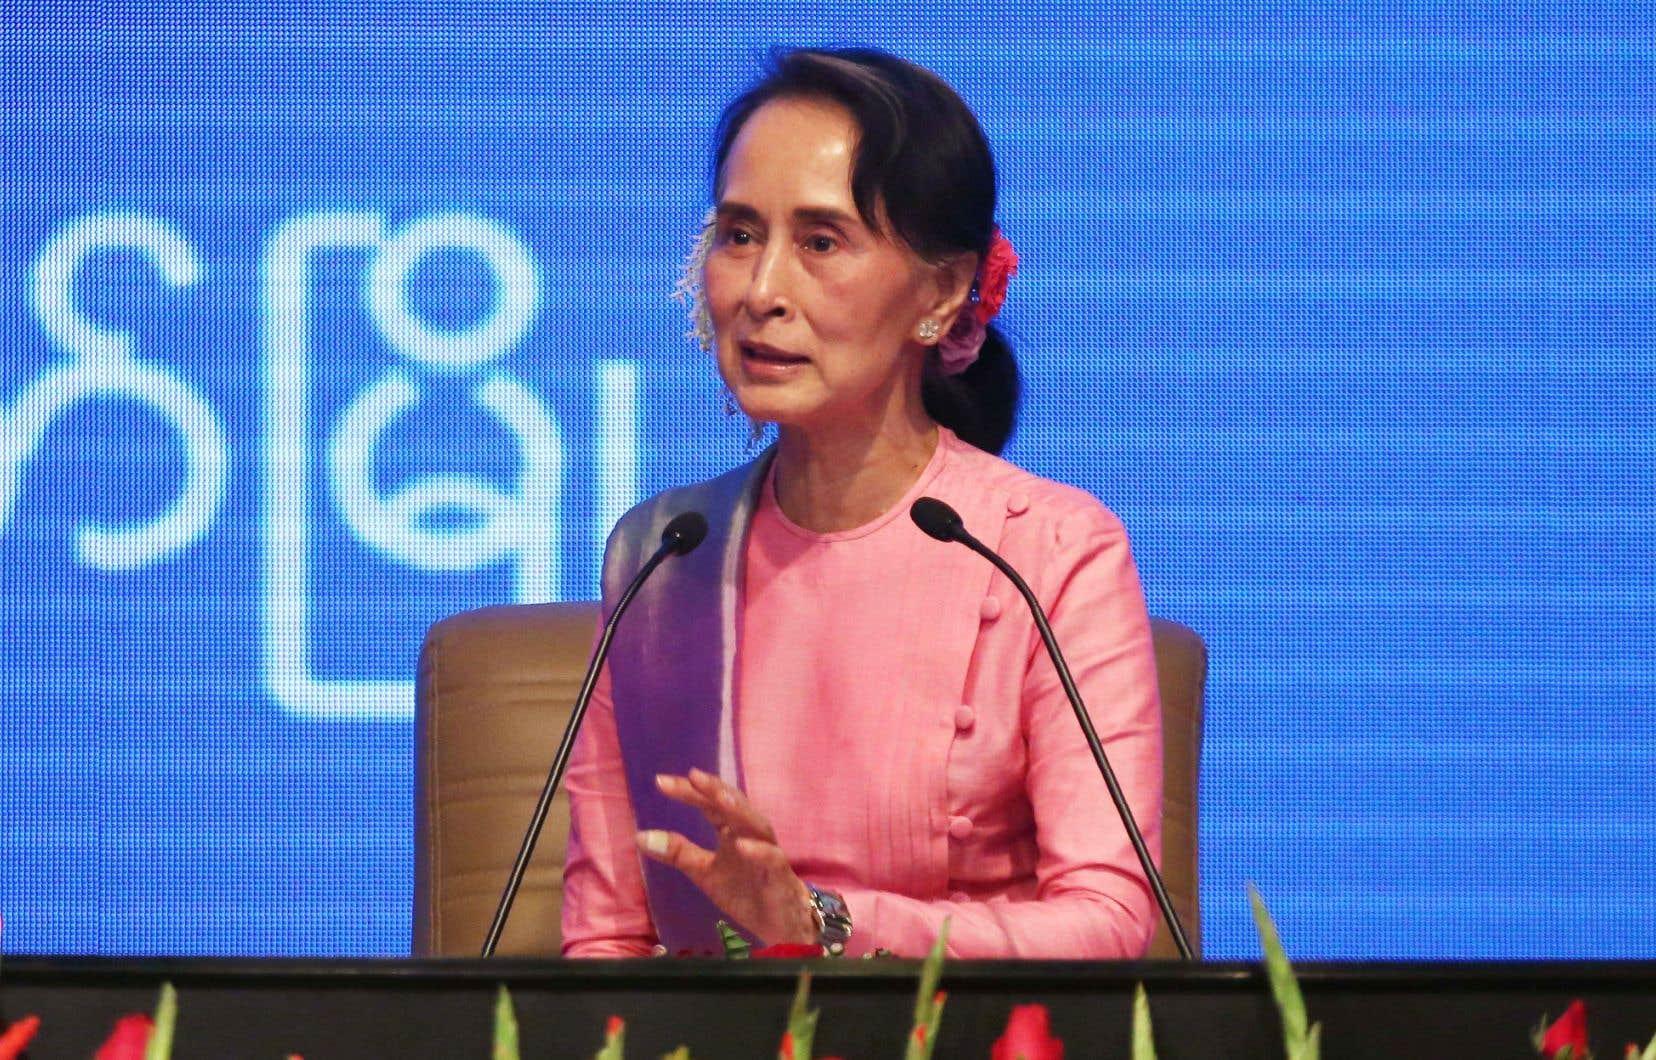 La dirigeante myanmaraise Aung San Suu Kyi est pointée du doigt pour son manque de compassion à l'égard des Rohingyas.